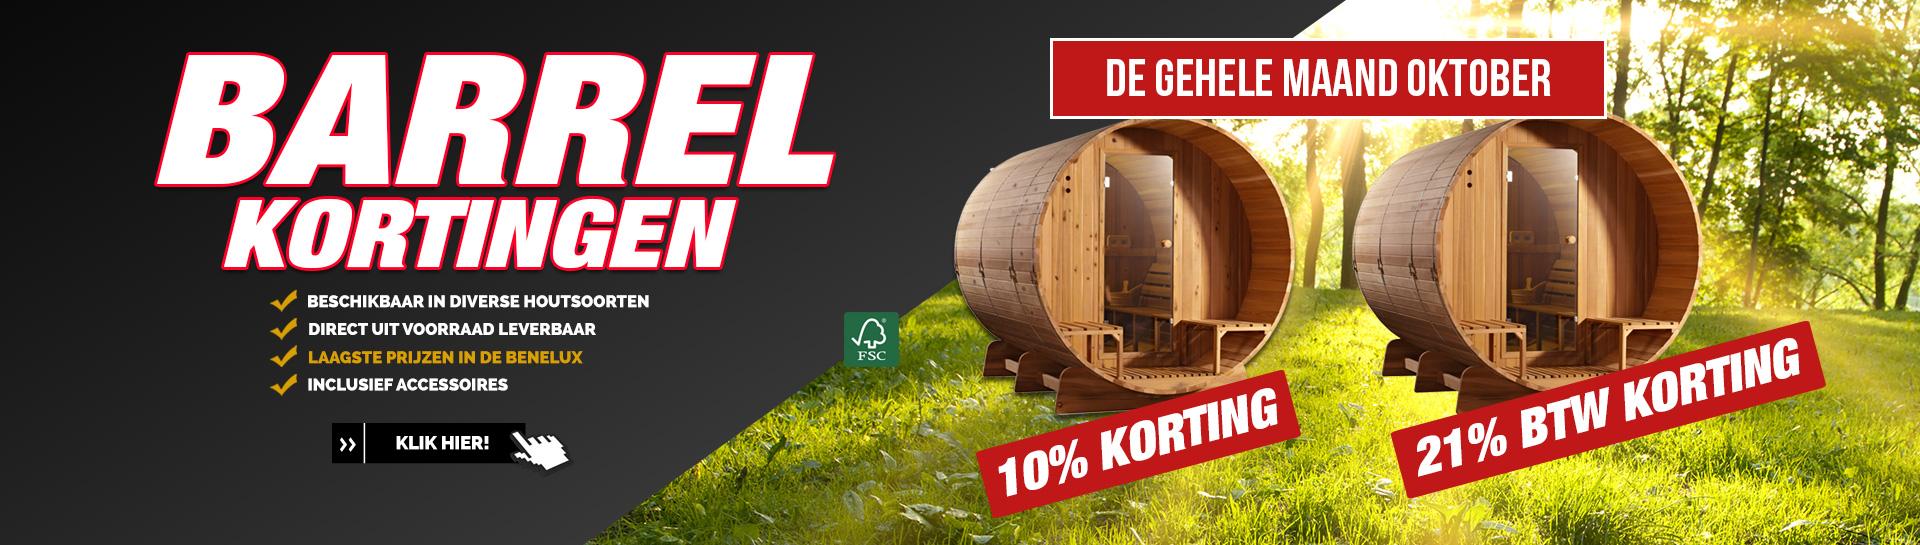 Barrel sauna actie oktober